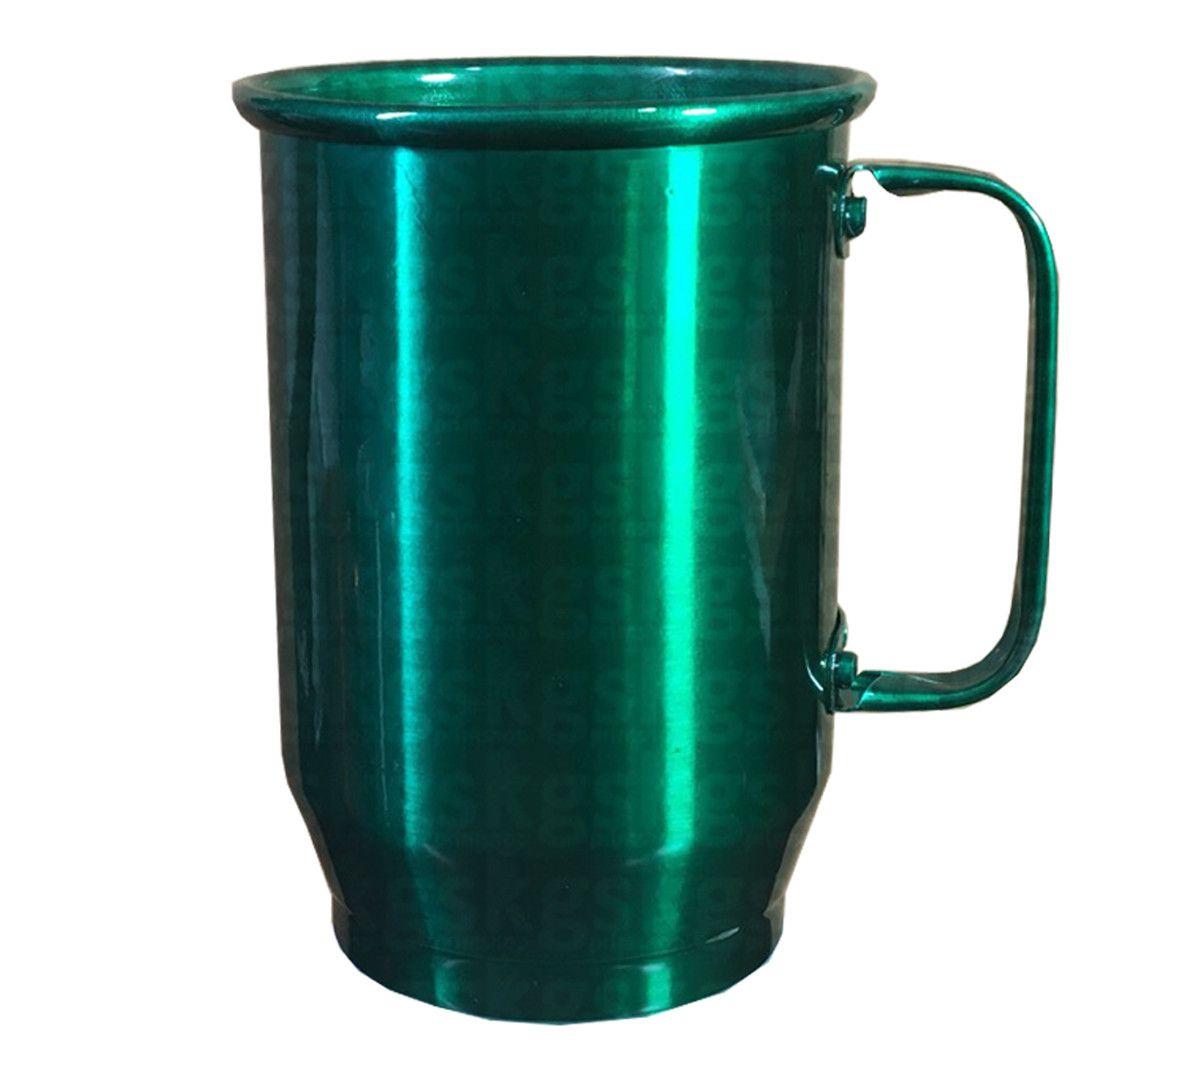 Caneca Alumínio 600ml - Verde Escuro